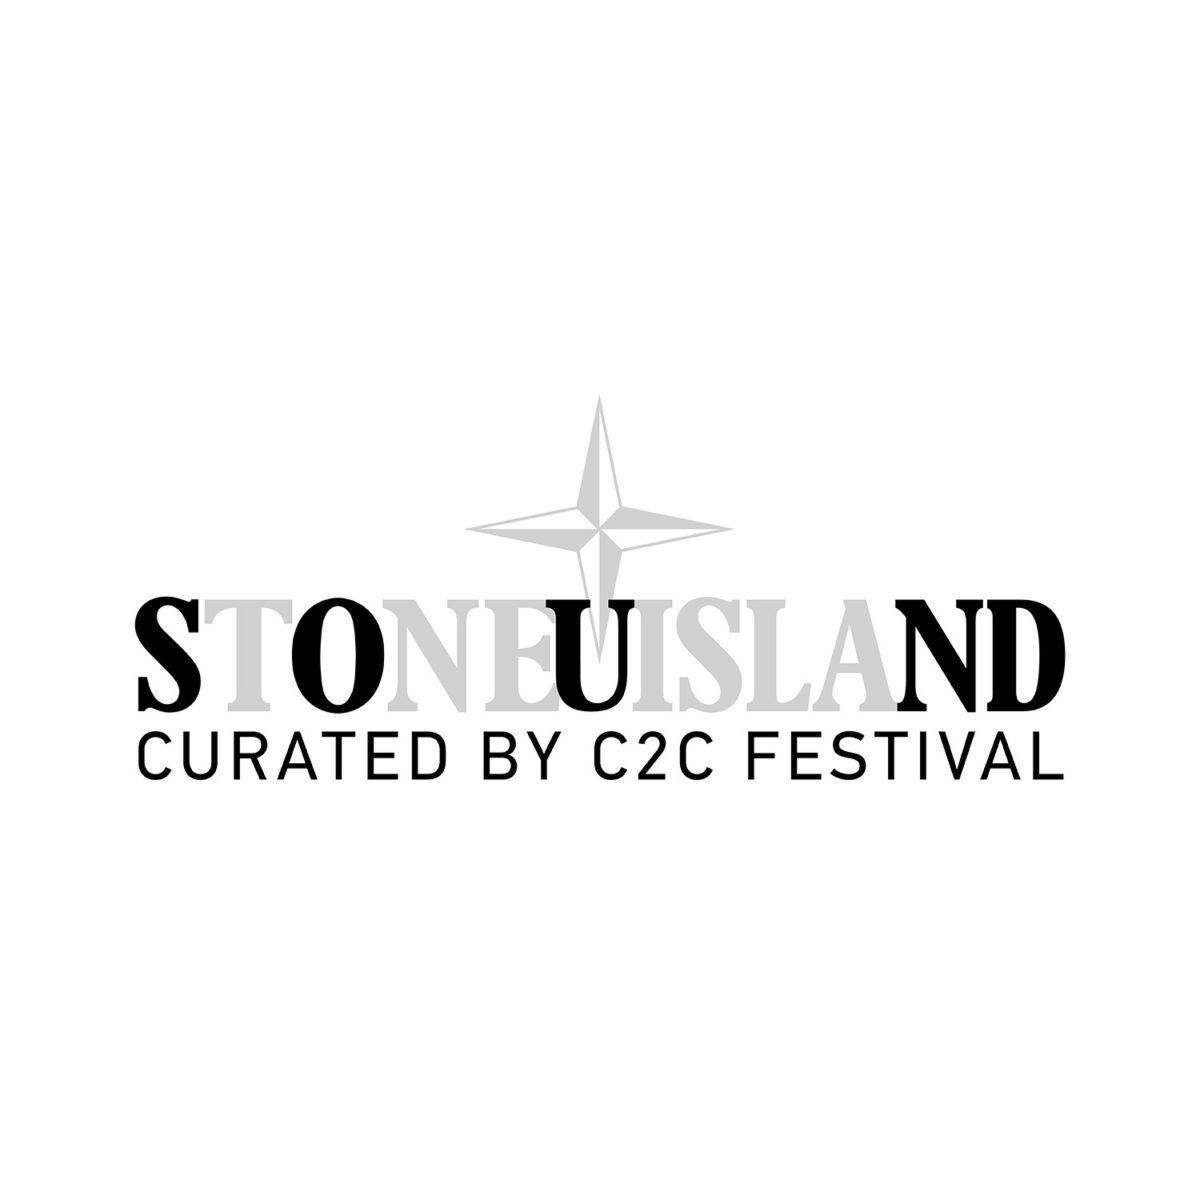 Stone Island & C2C Festival per celebrare la musica indipendente